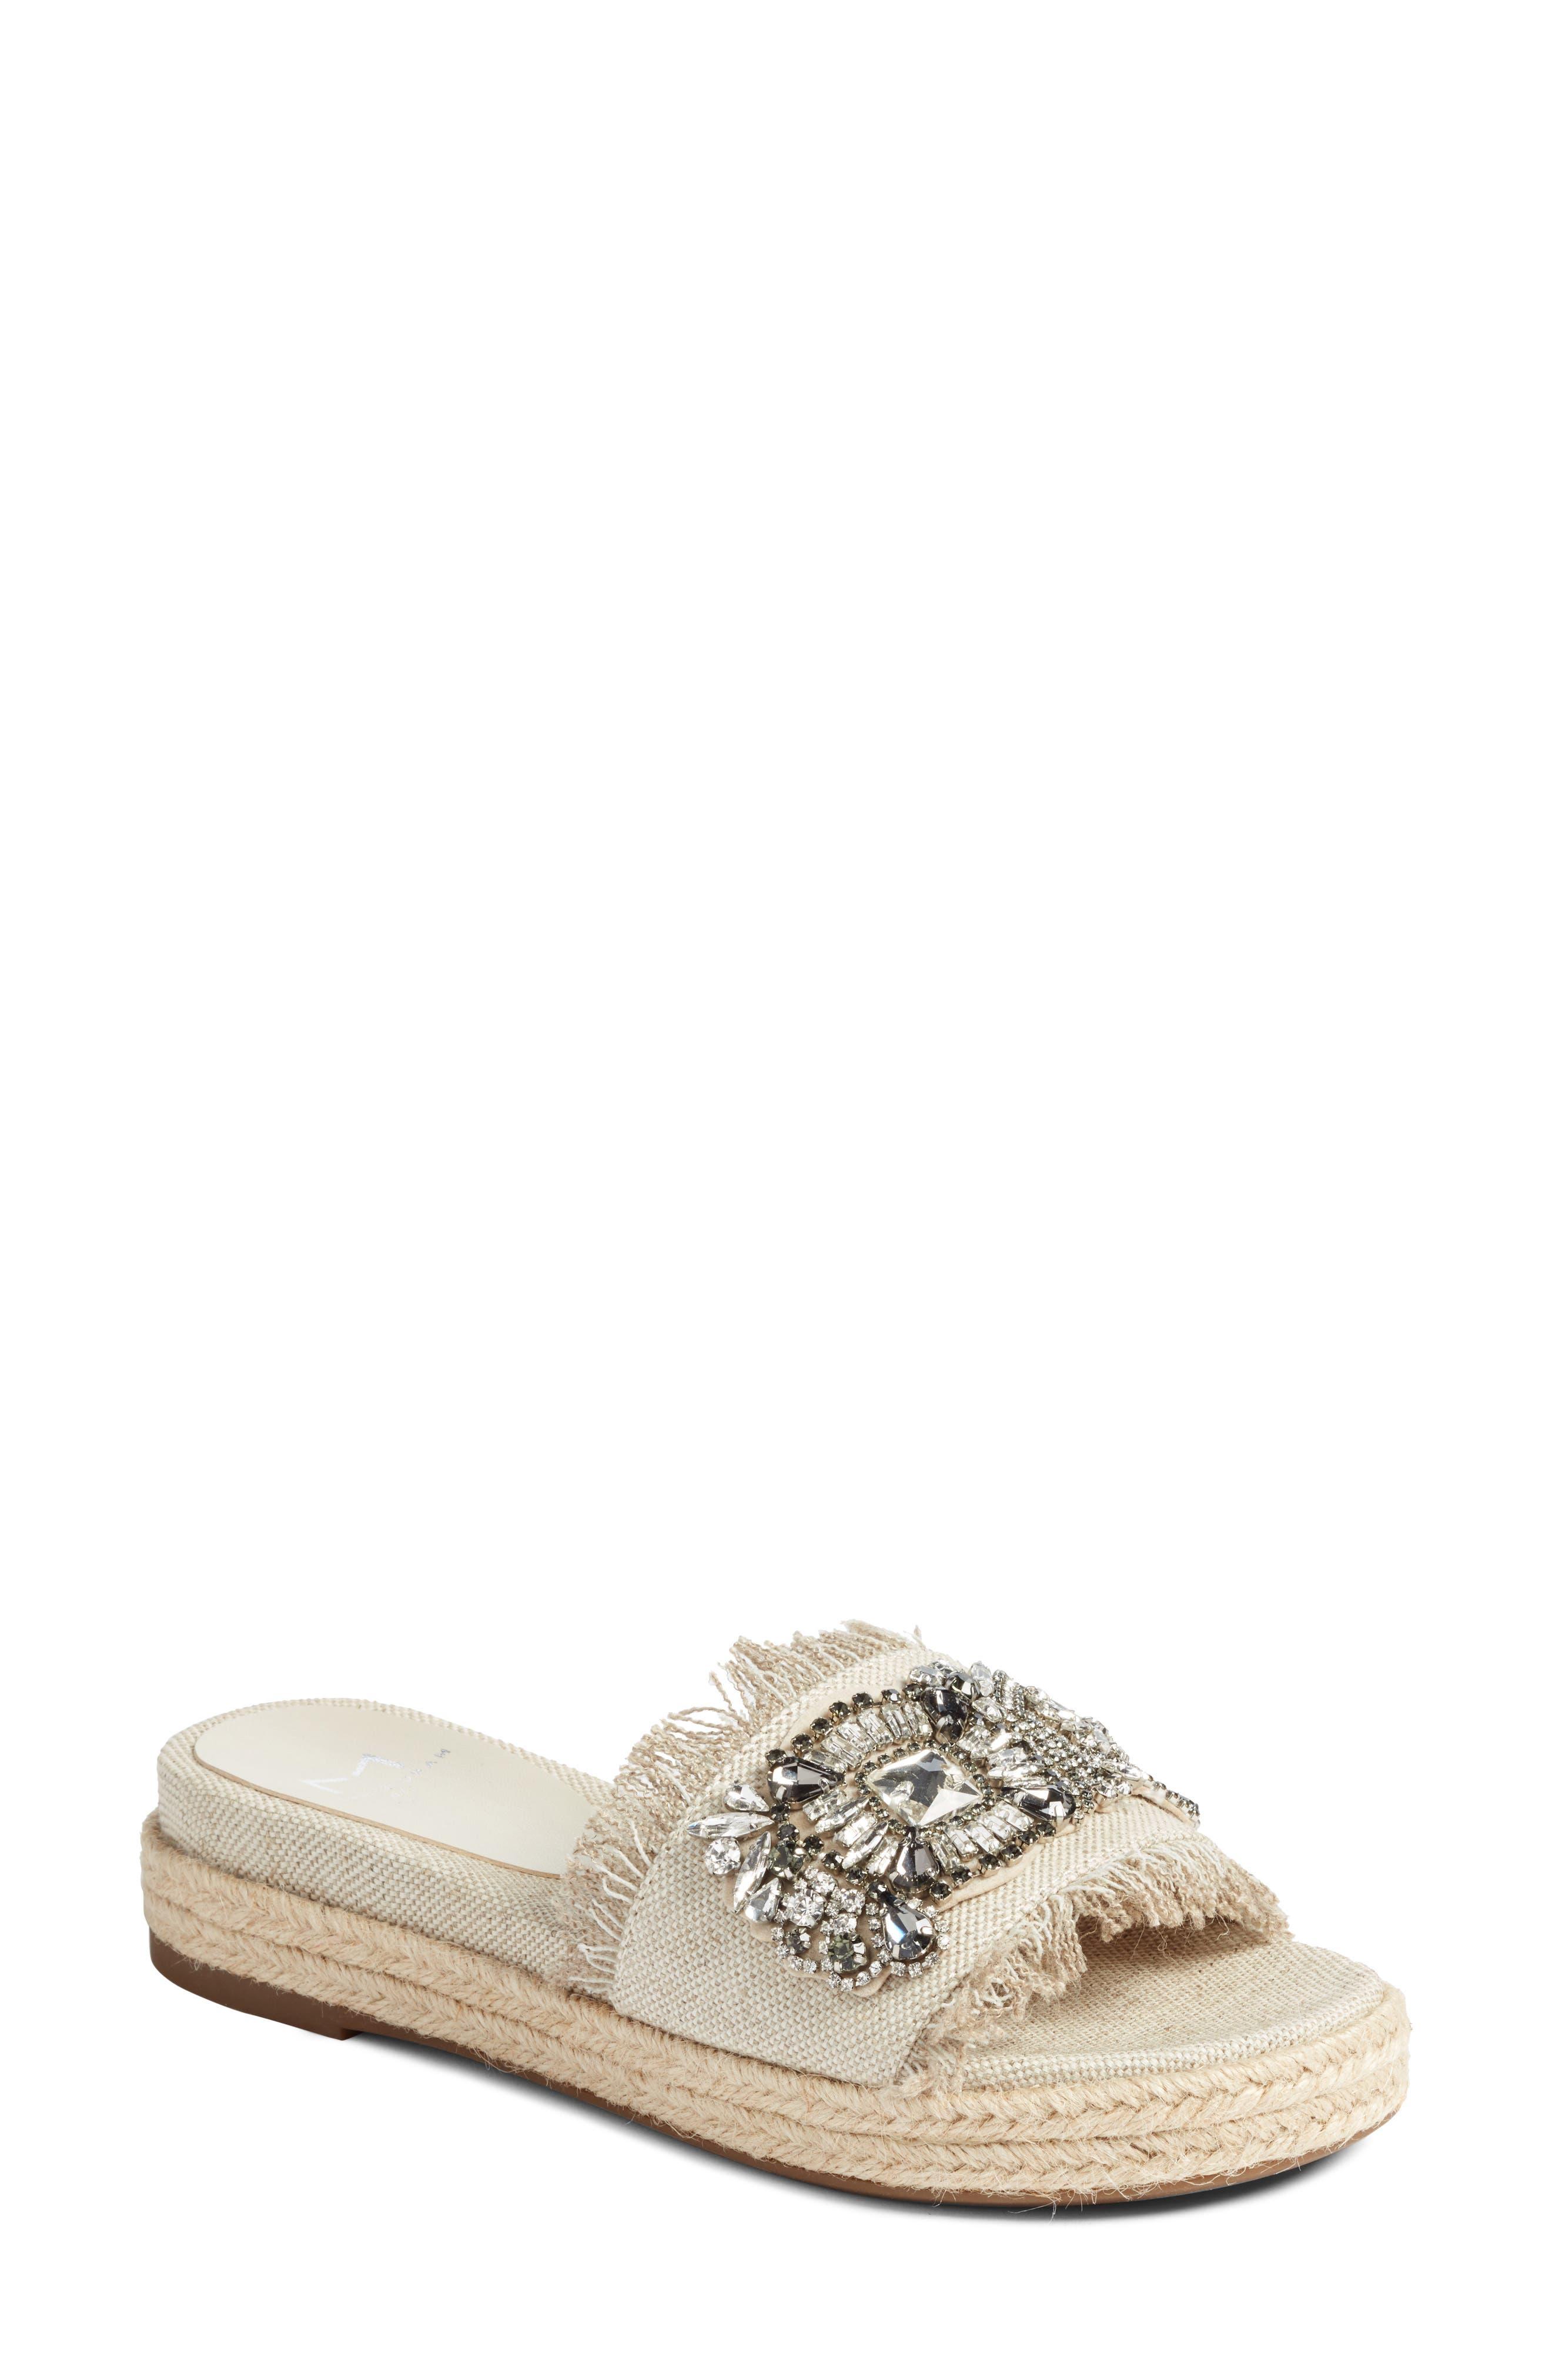 Jelly II Embellished Sandal,                         Main,                         color,